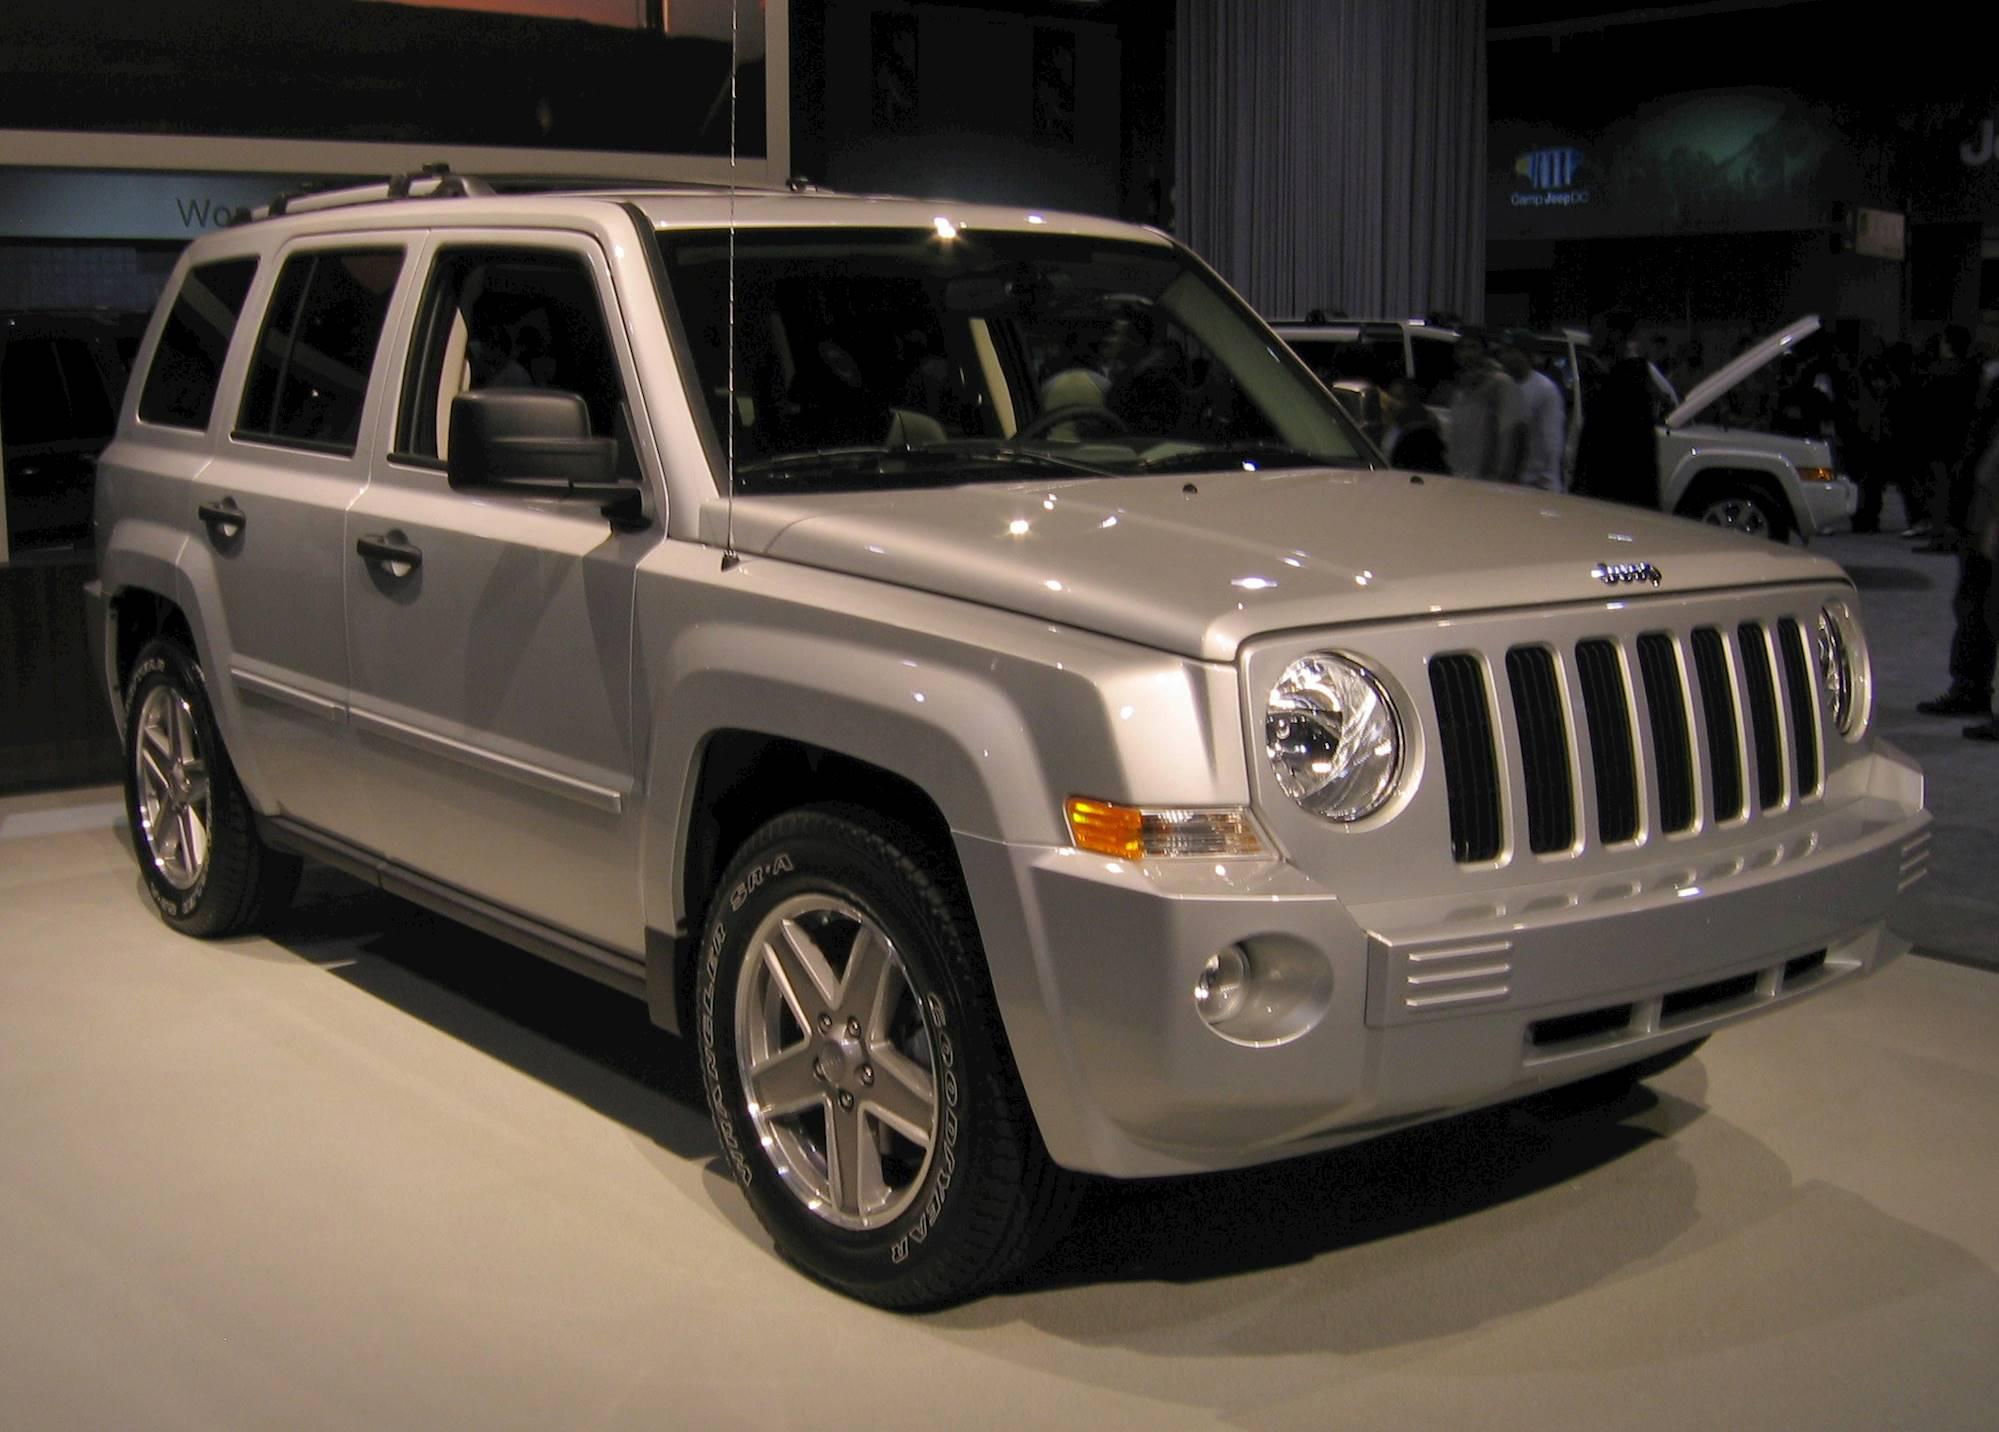 2008 jeep compass sport 2.4 l manual 4wd suv